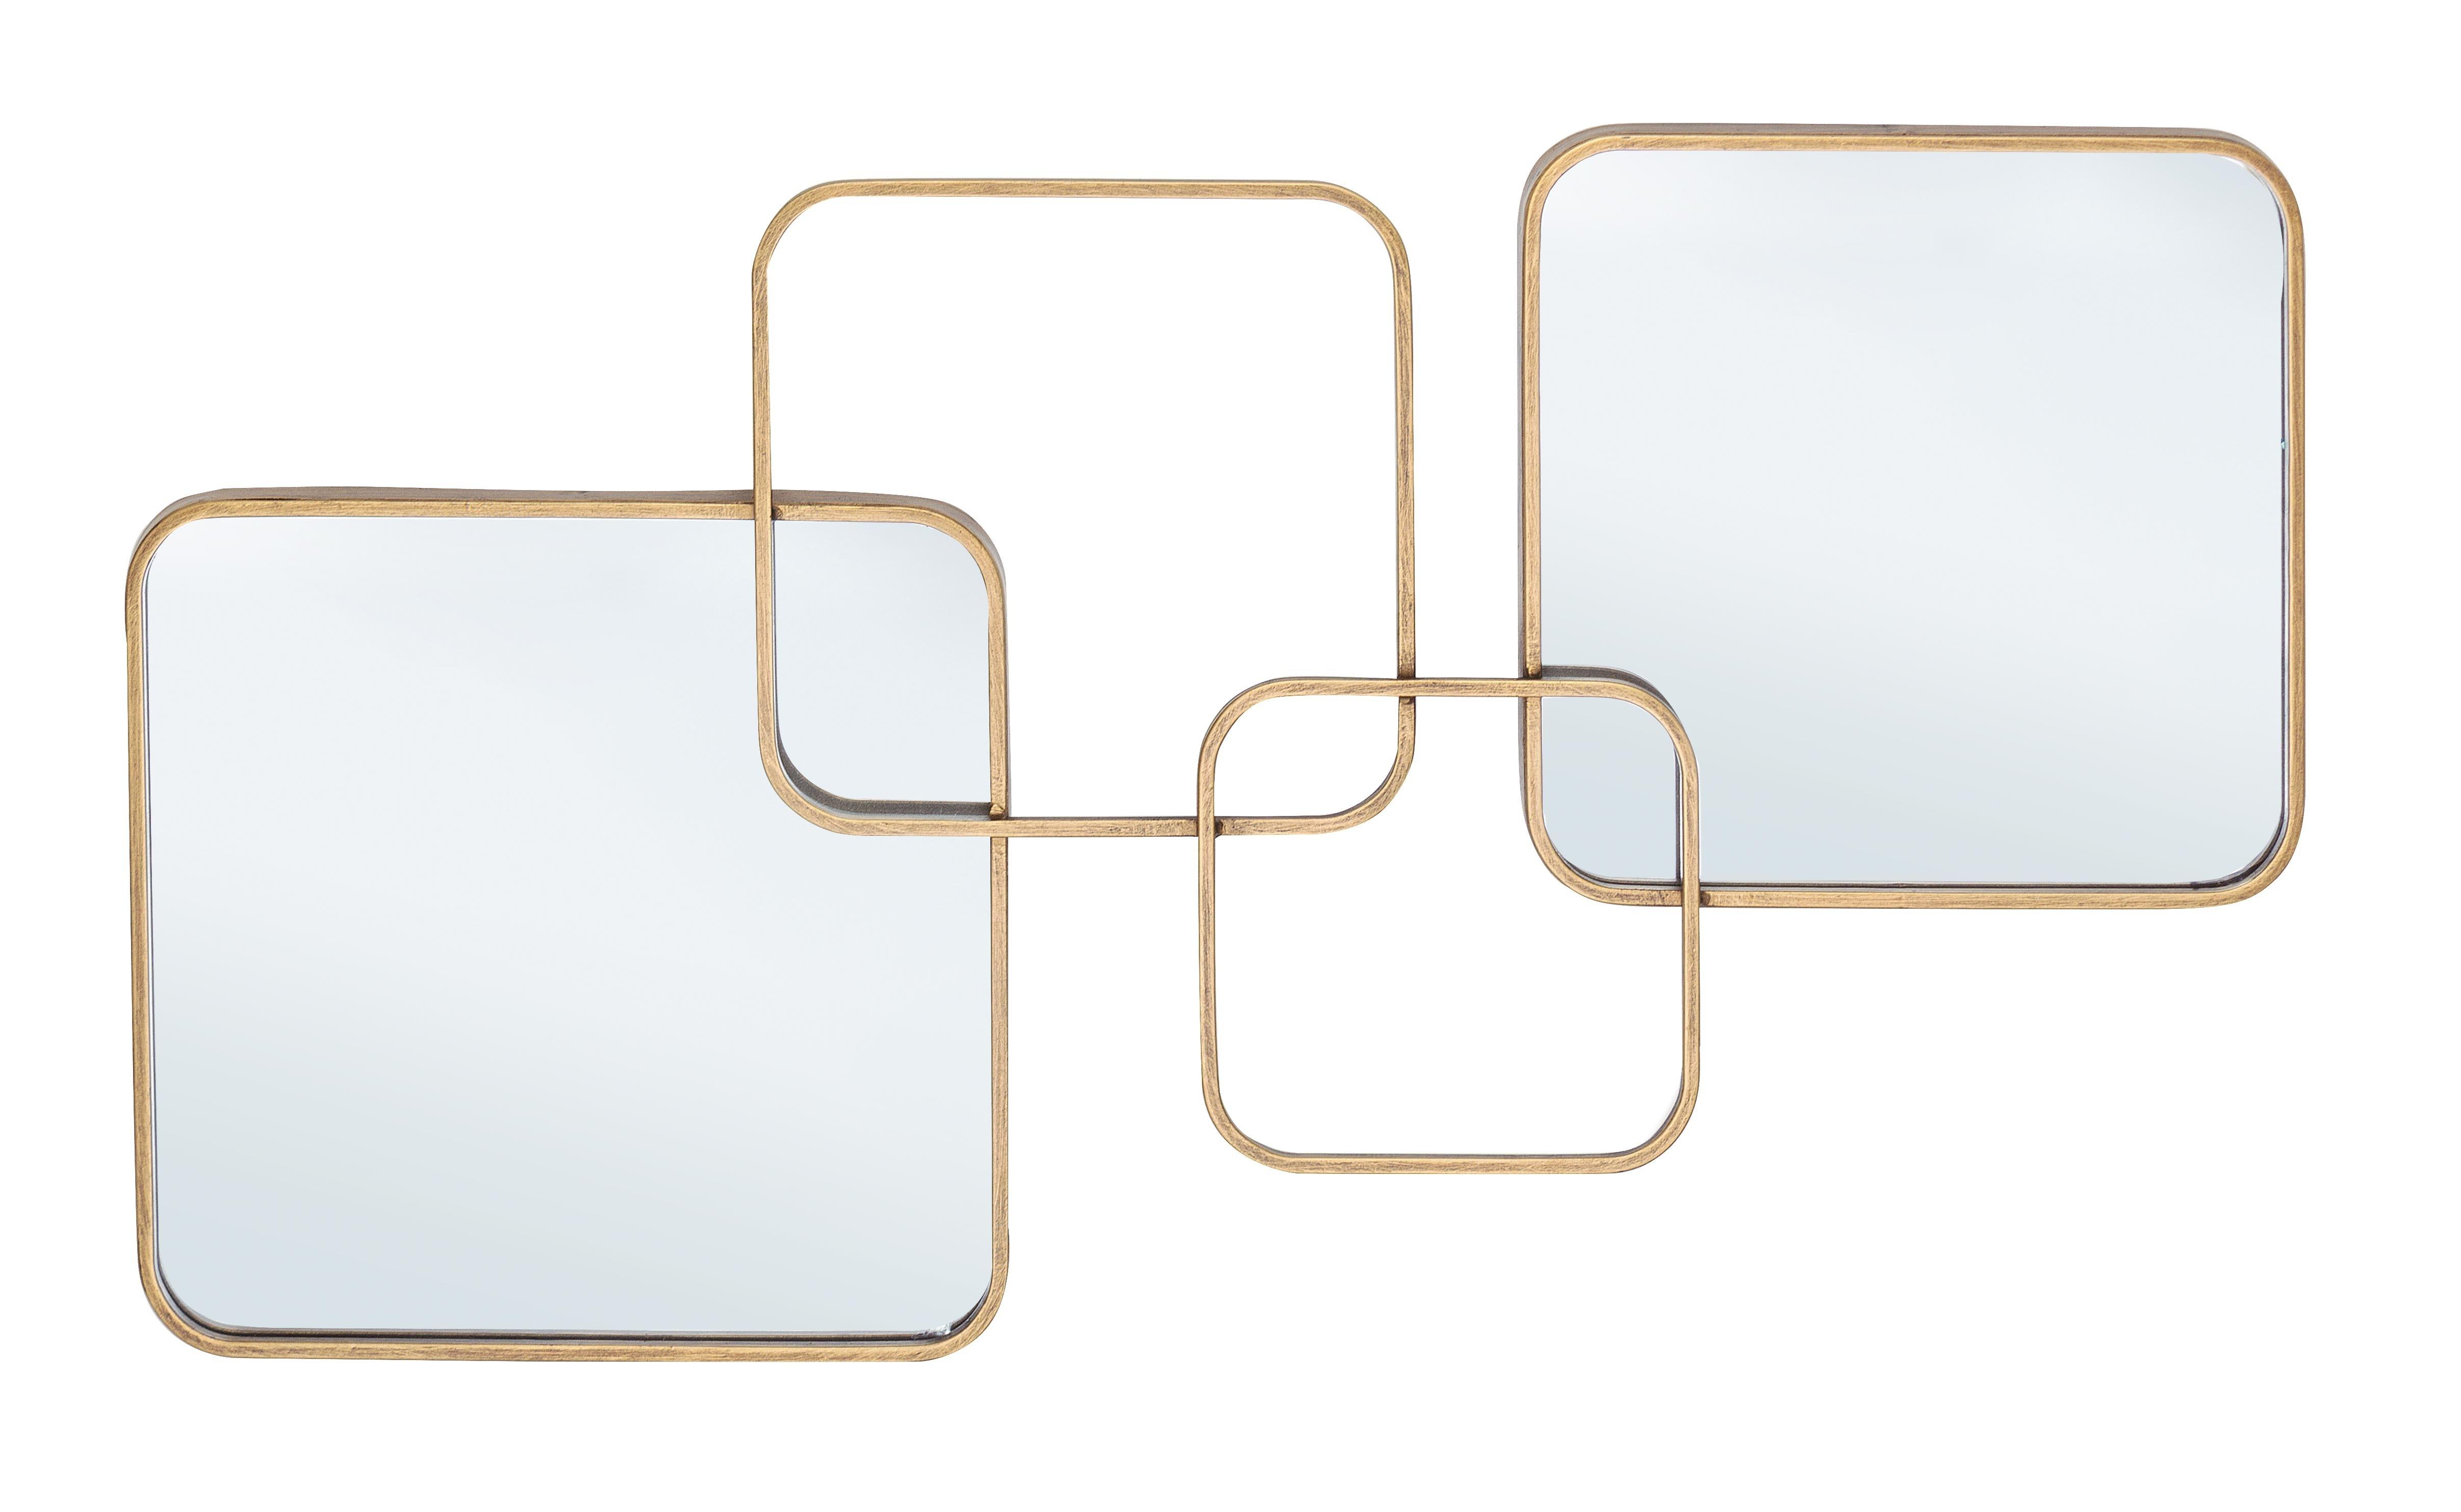 Oglinda decorativa cu rama metalica Oralie Auriu, L70xl40 cm imagine